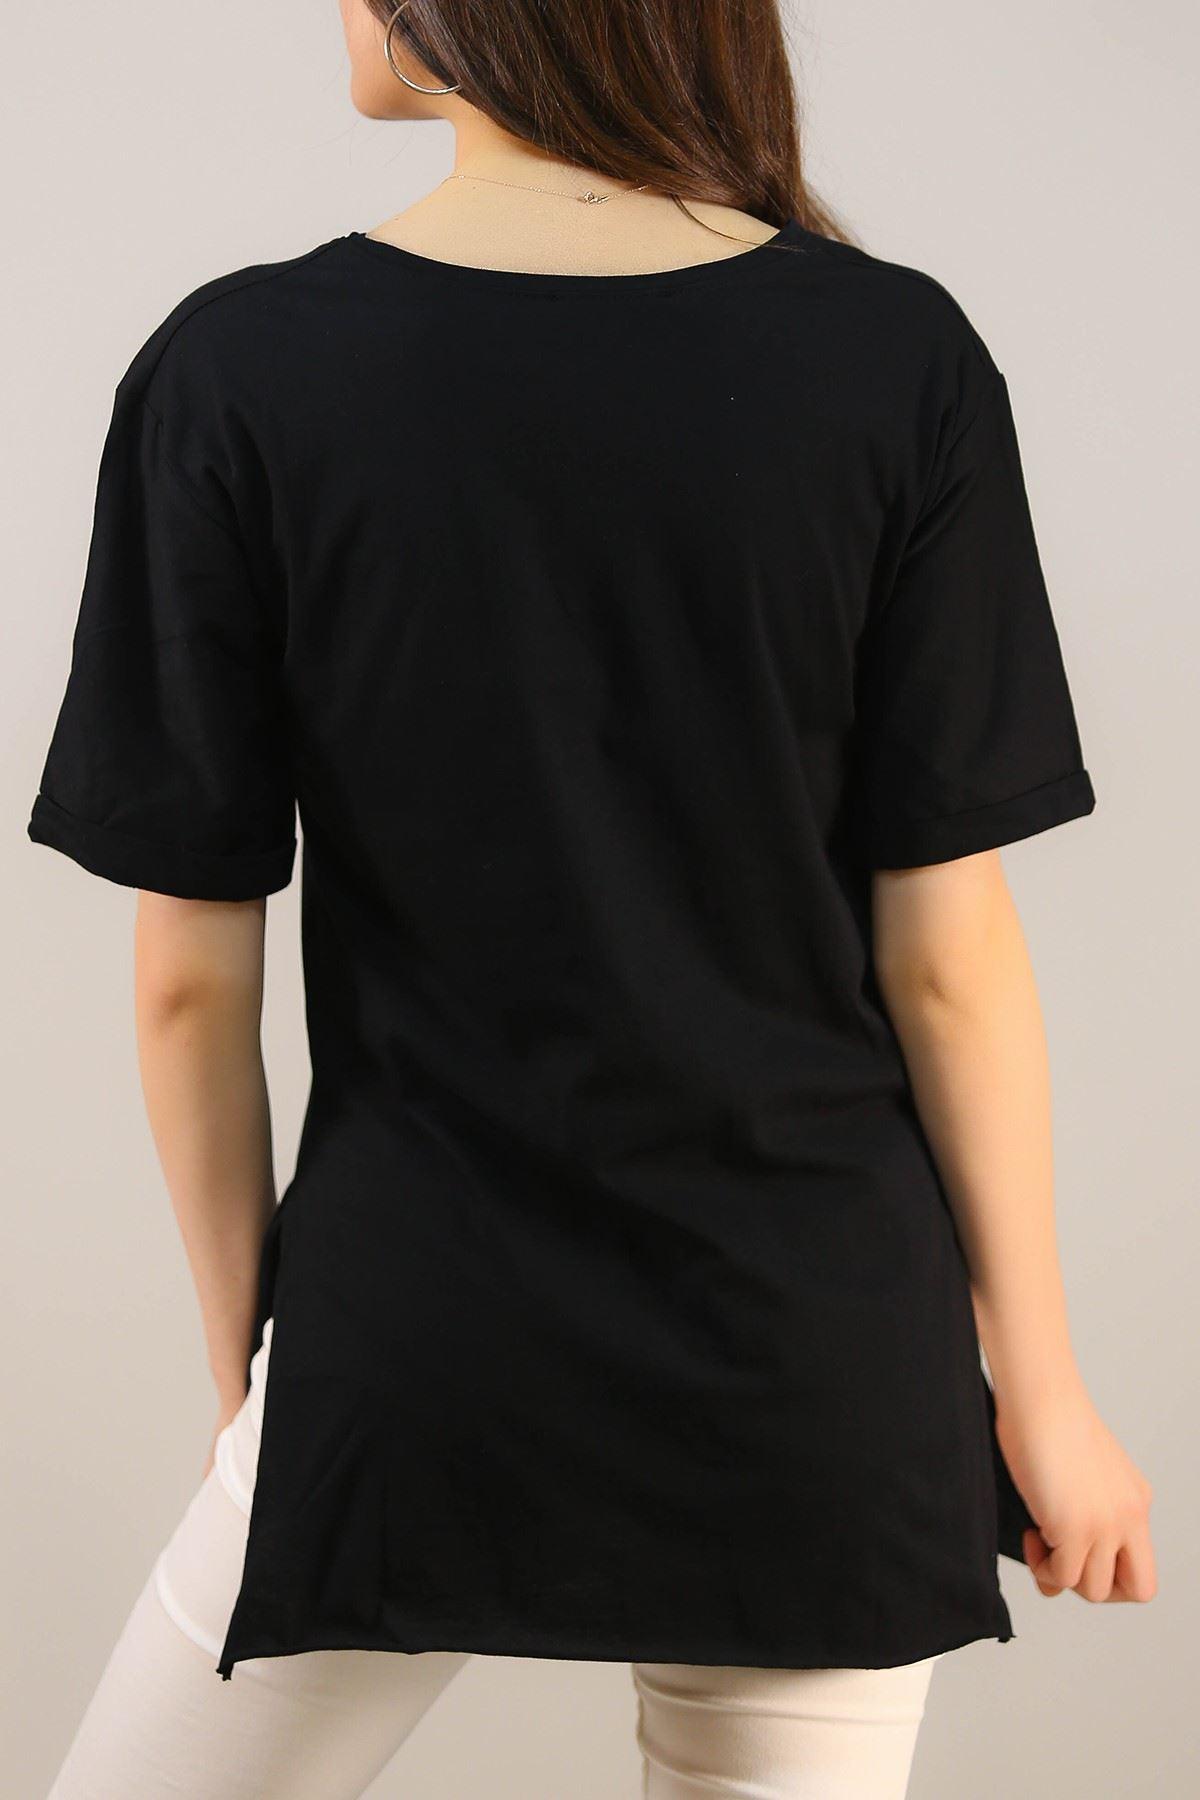 Yazılı Tişört Siyah - 4996.336.